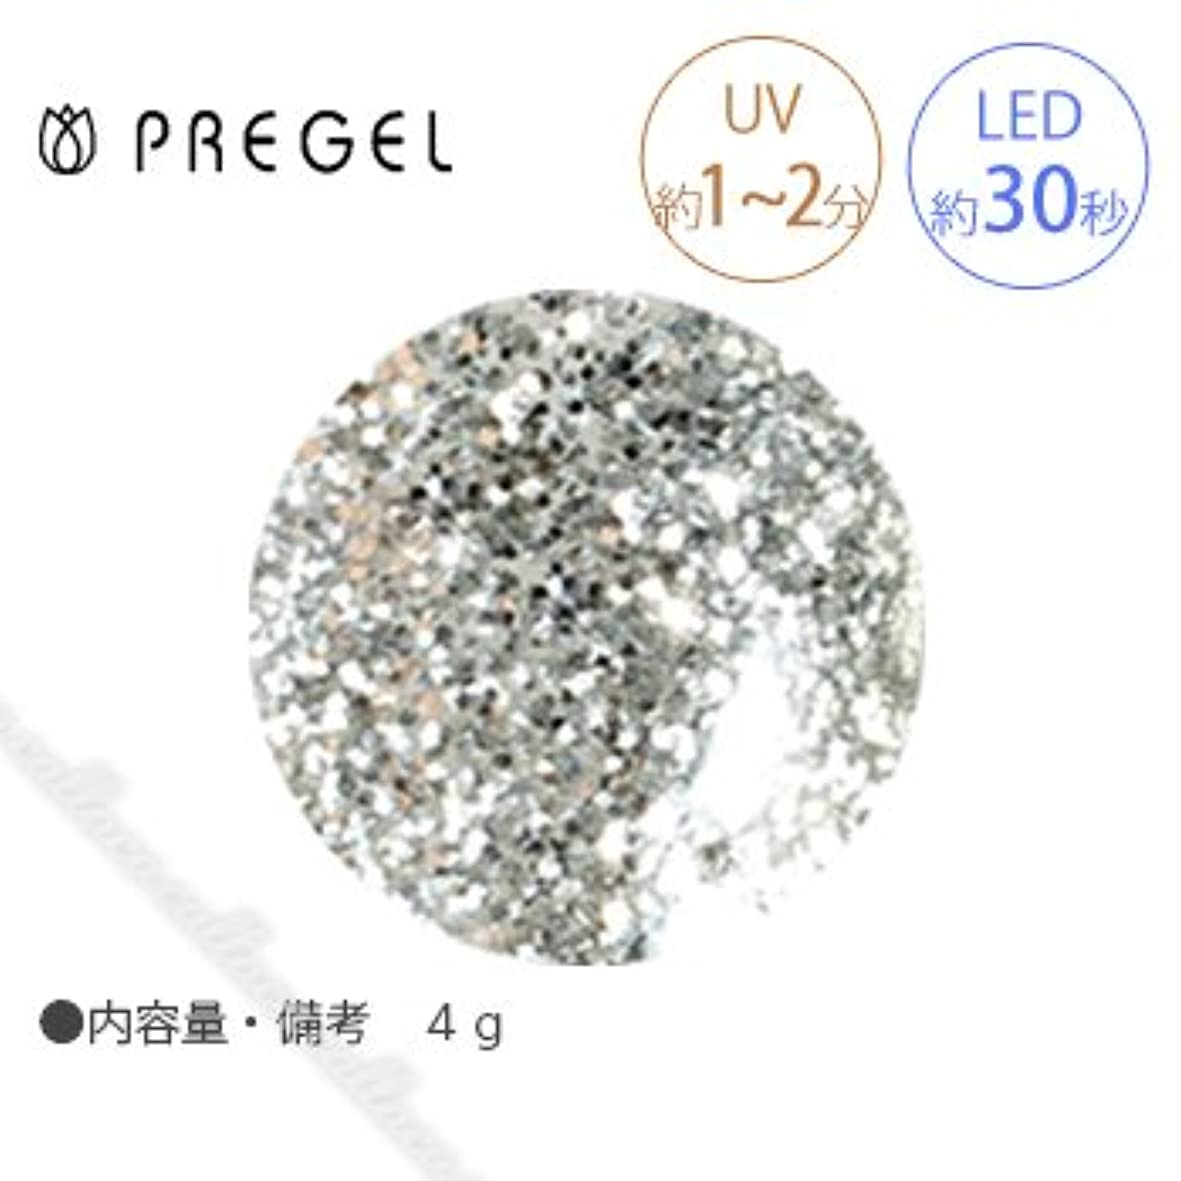 寄託市長個人【PREGEL】 プリジェル カラーEX ダイヤモンドシリーズ ダイヤモンドシルバー PG-CE400 4g